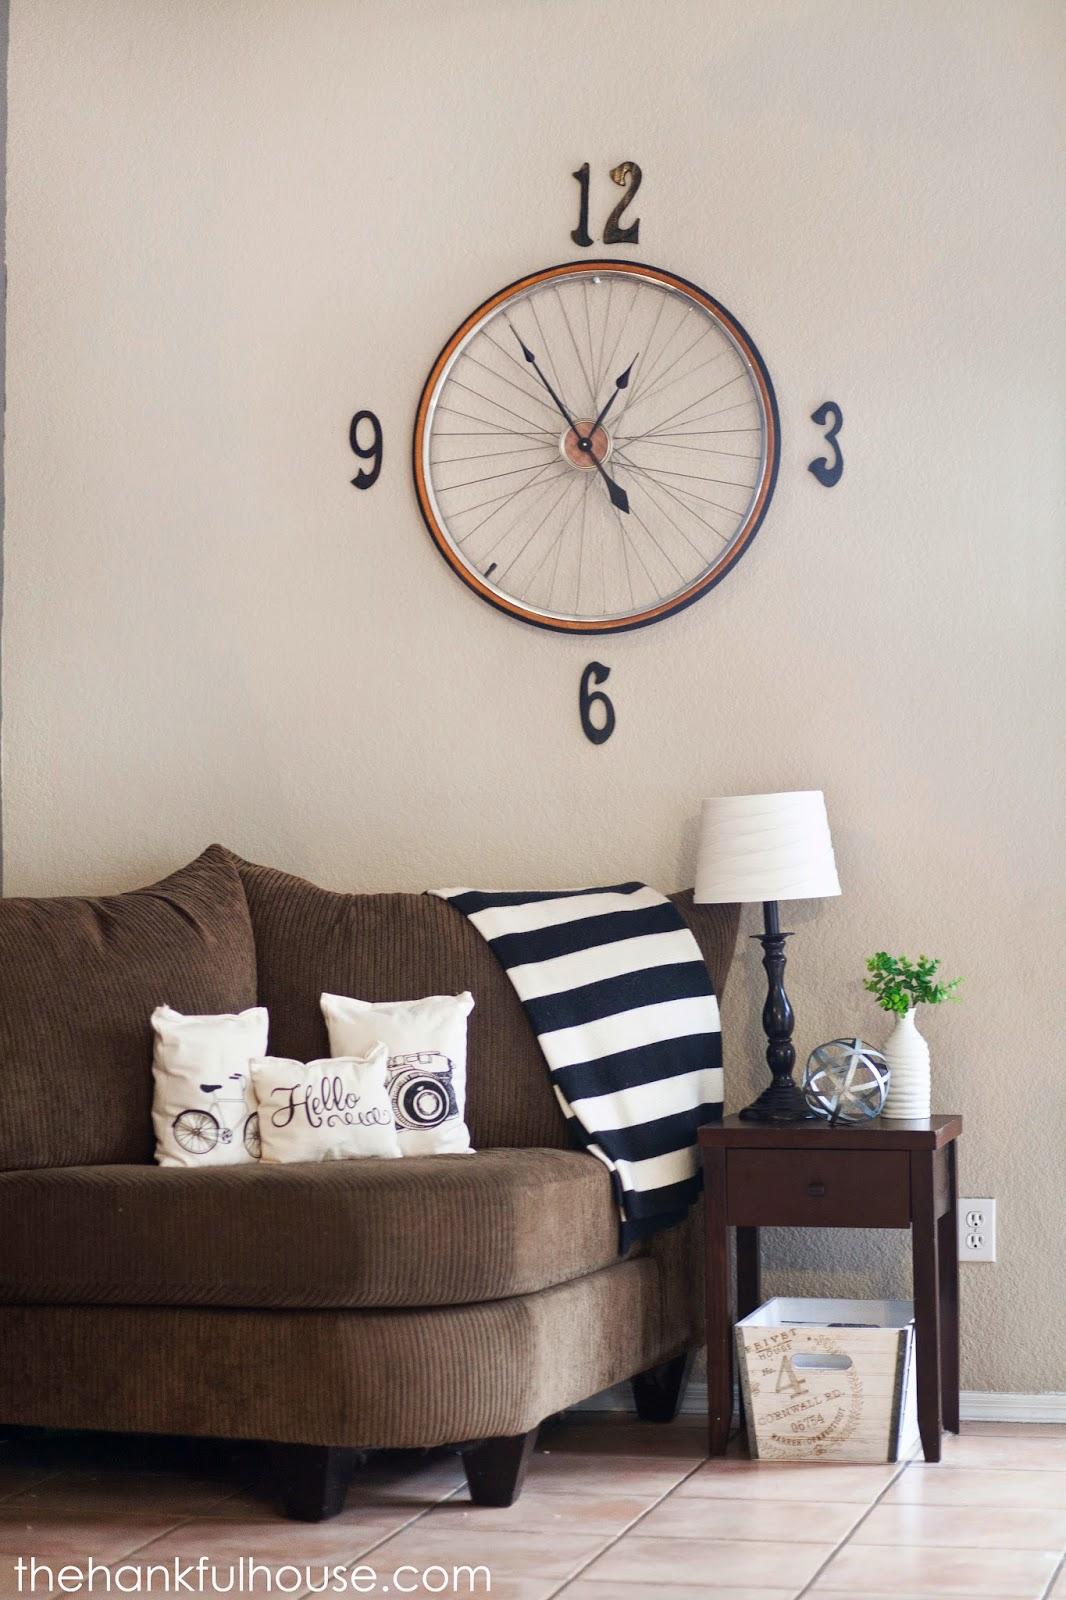 DIY bicycle wall clock